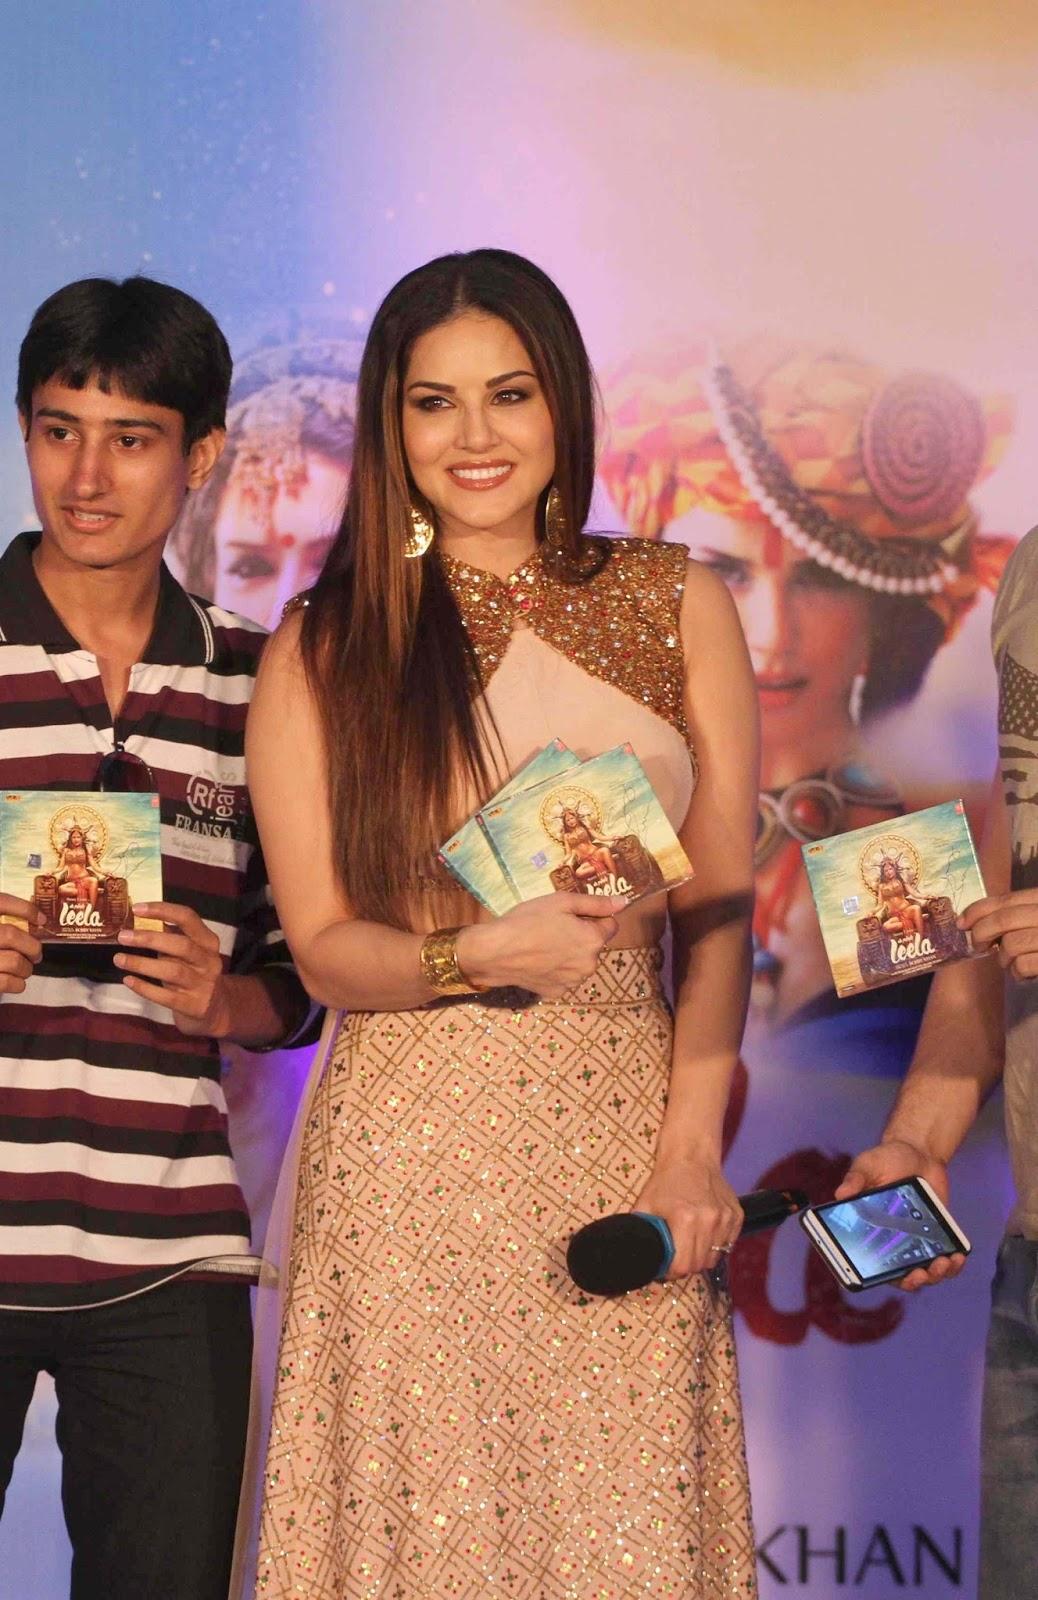 """Sunny Leone Displays Her Sexy Curves At Film """"Ek Paheli Leela"""" Promotions At Korum Mall, Mumbai"""